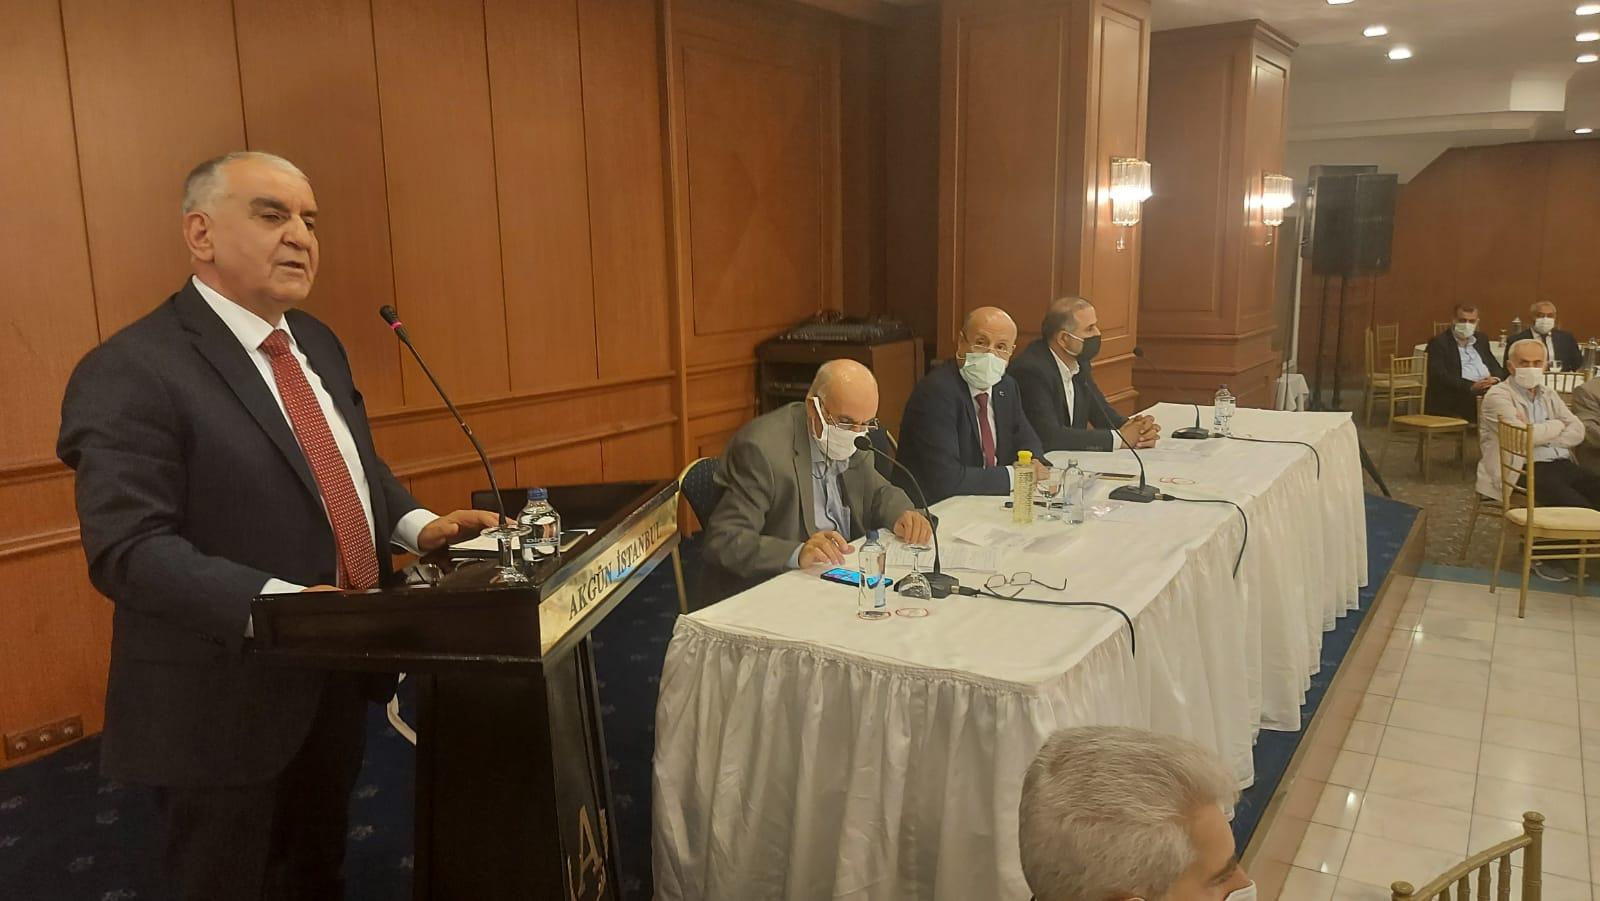 Pütürge Eğitim Vakfı başkanlığına kıl payı Dr. Hasan Hüseyin Şener seçildi